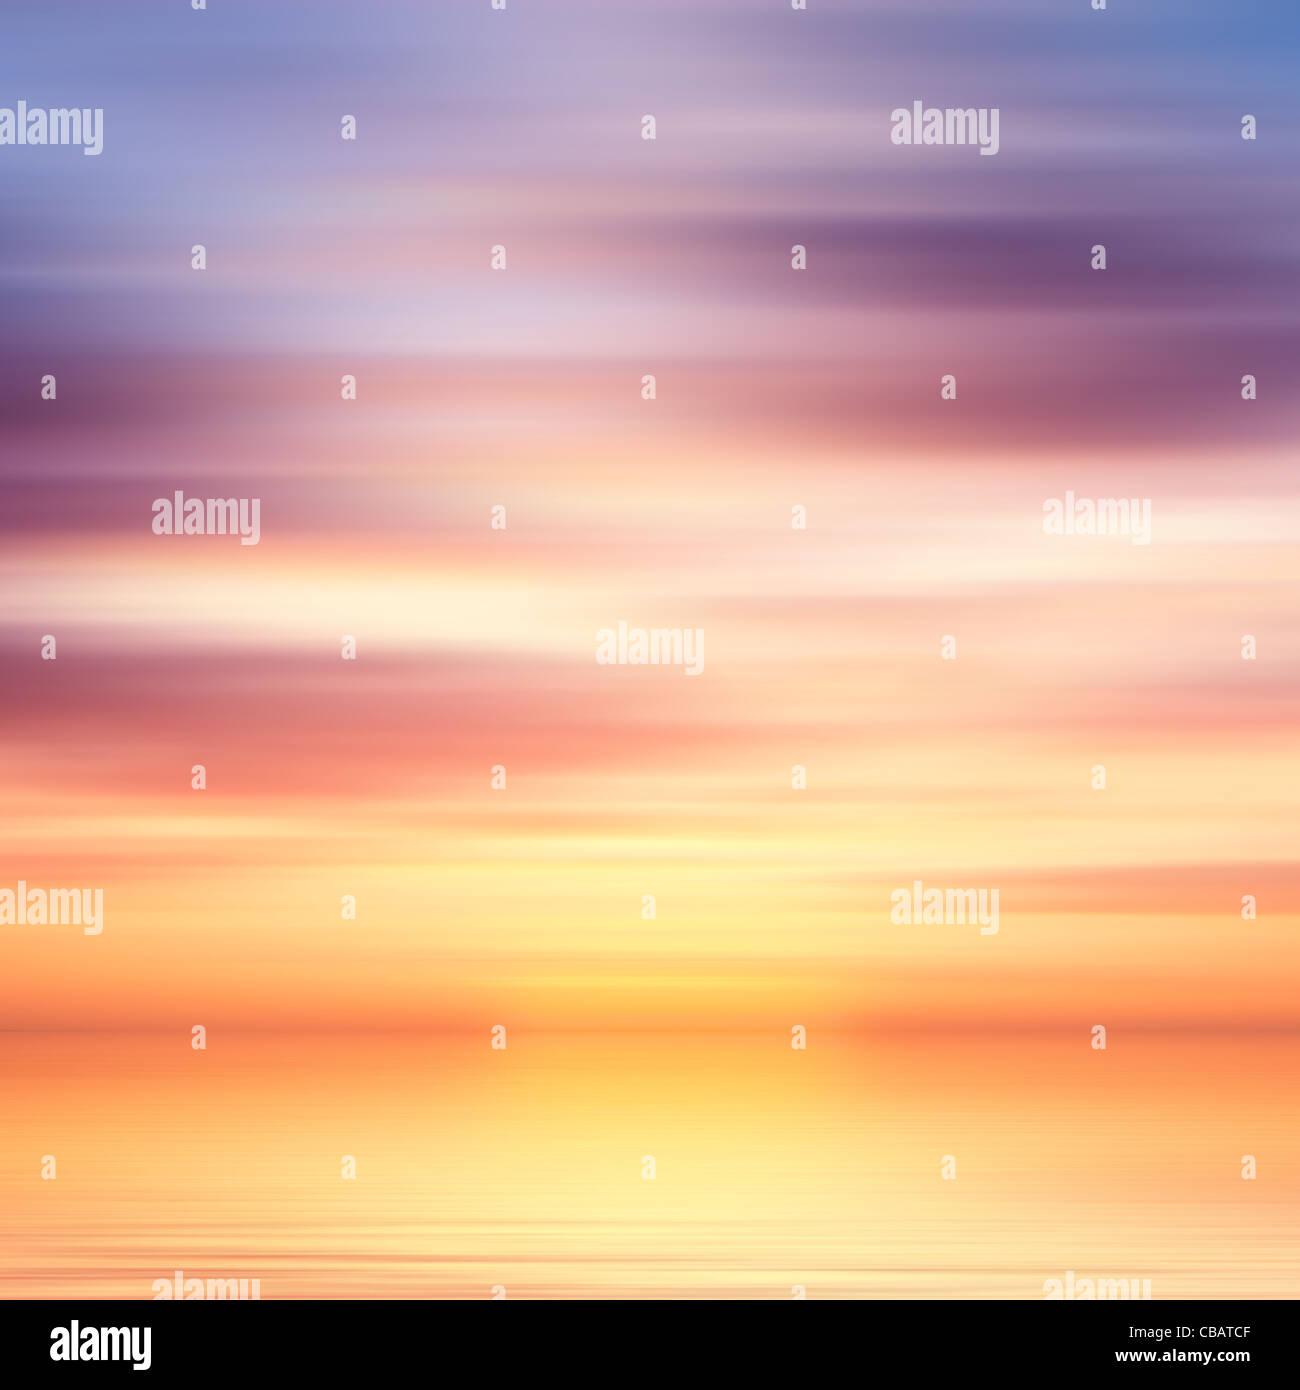 Bella colorata acqua e cielo sfondo astratto Immagini Stock